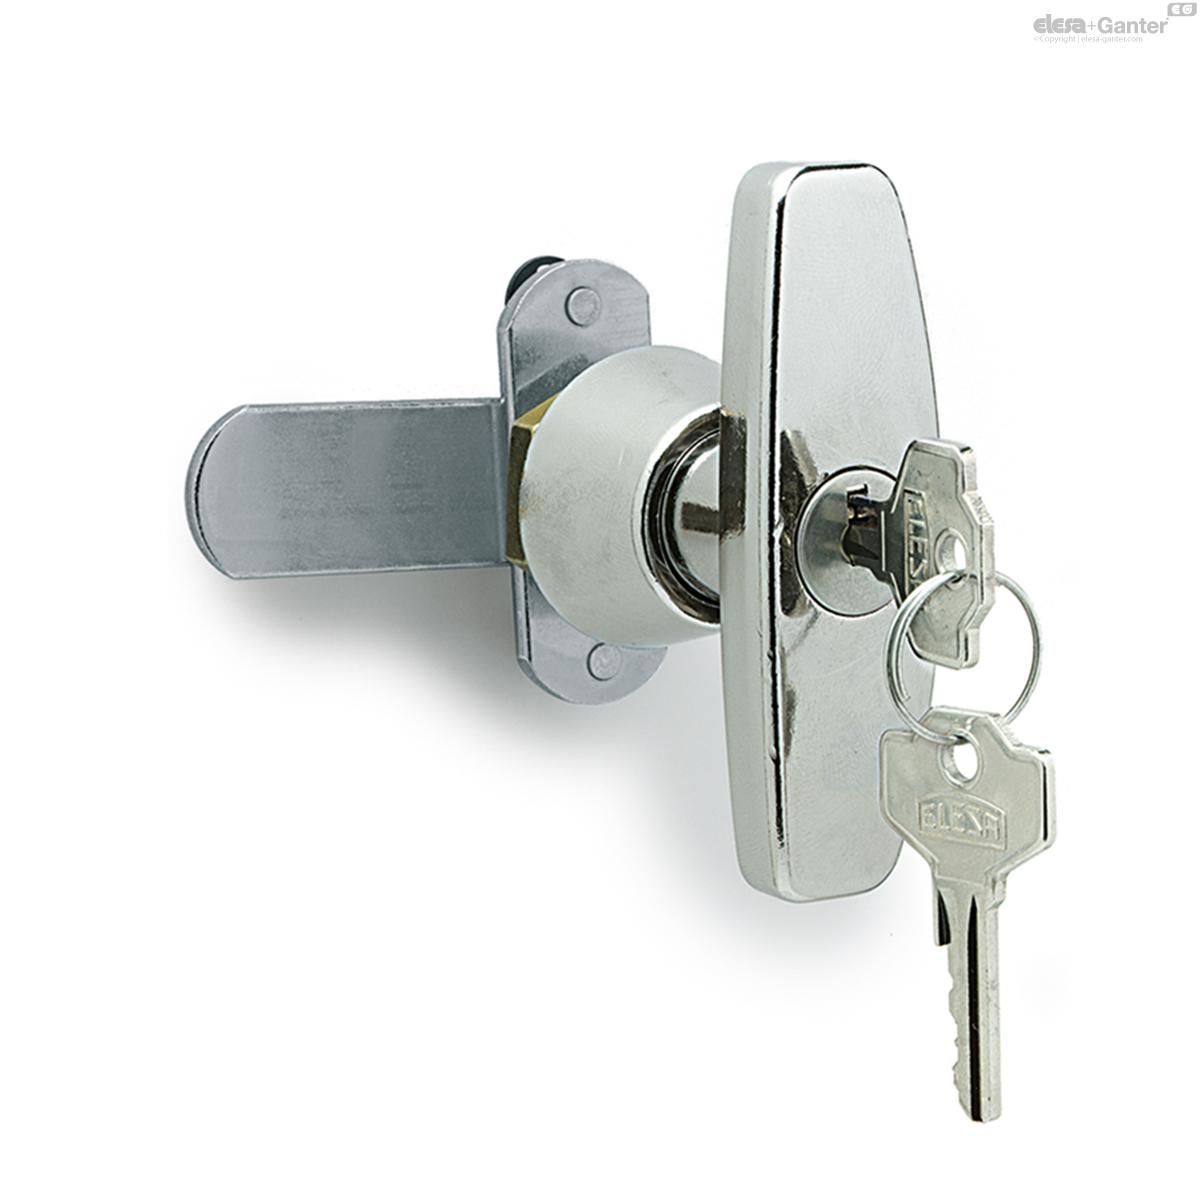 d936aaa8ef5f Cerraduras de manilla con empuñadura en T | Elesa+Ganter